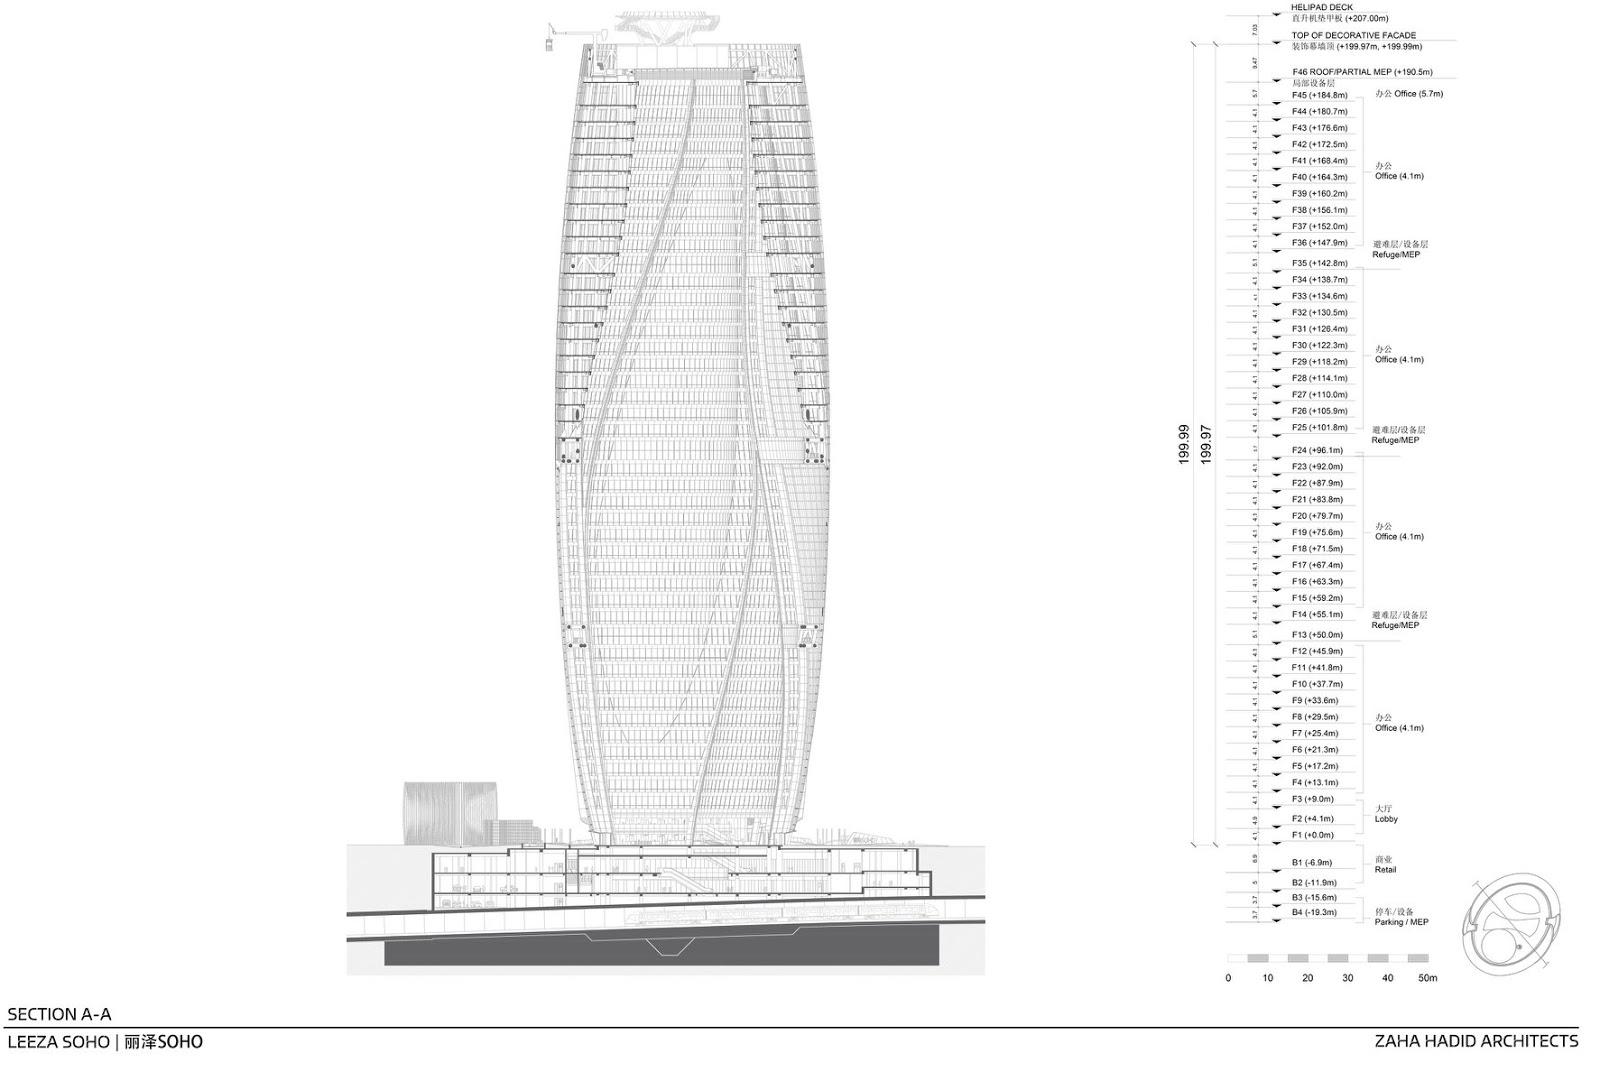 Mặt đứng tháp Leeza Soho Tower